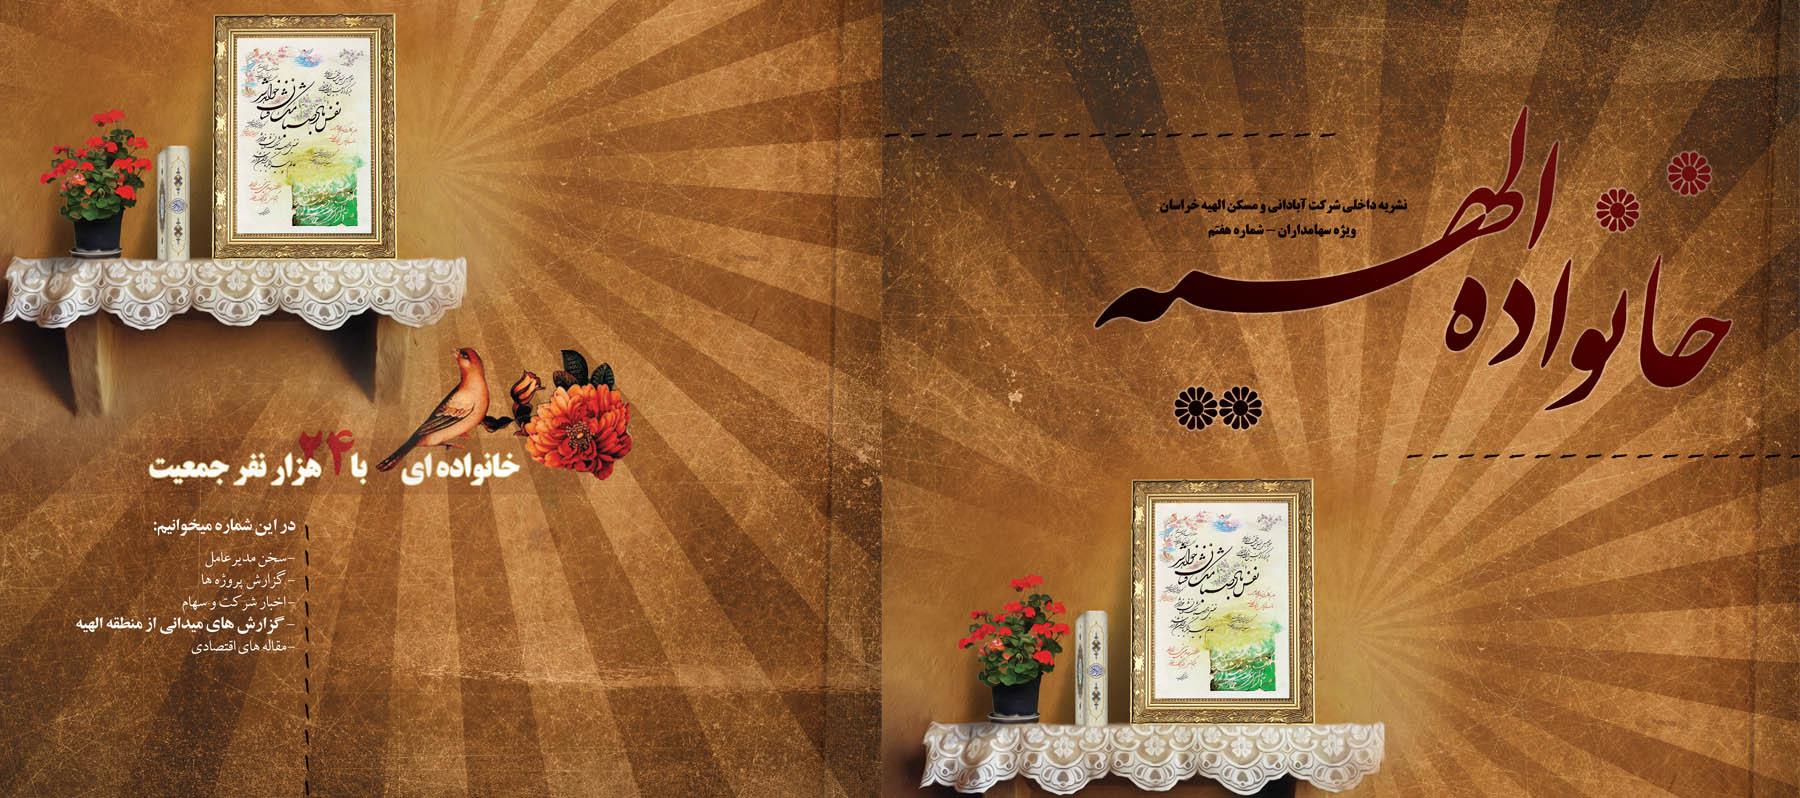 نشریه خانواده الهیه